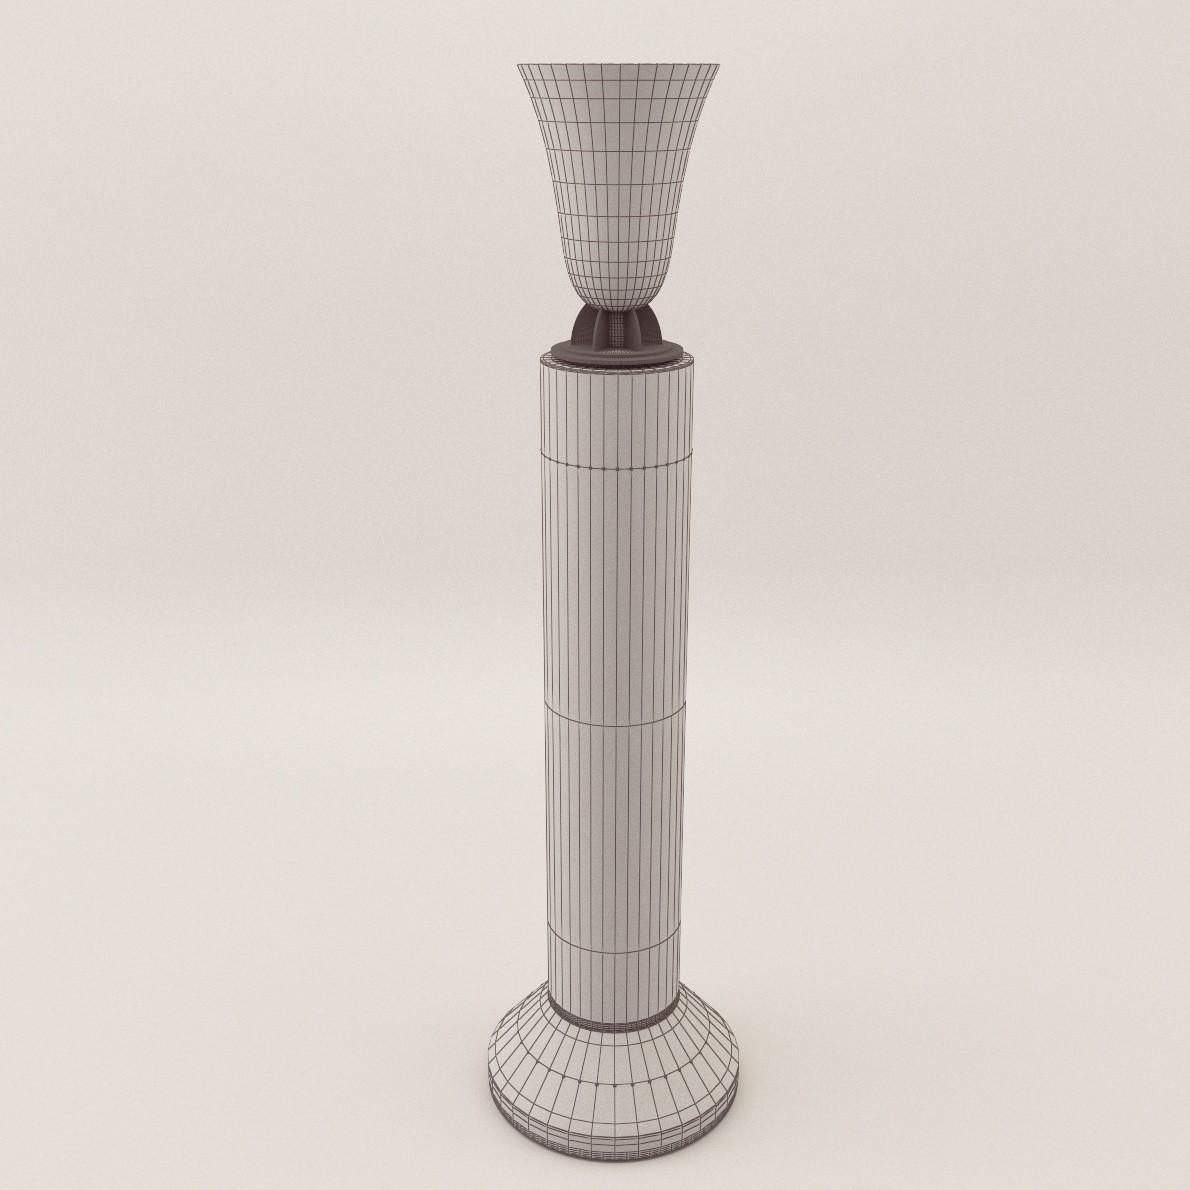 Art Deco Stand Lamp 3d Realistic Model Artium3d